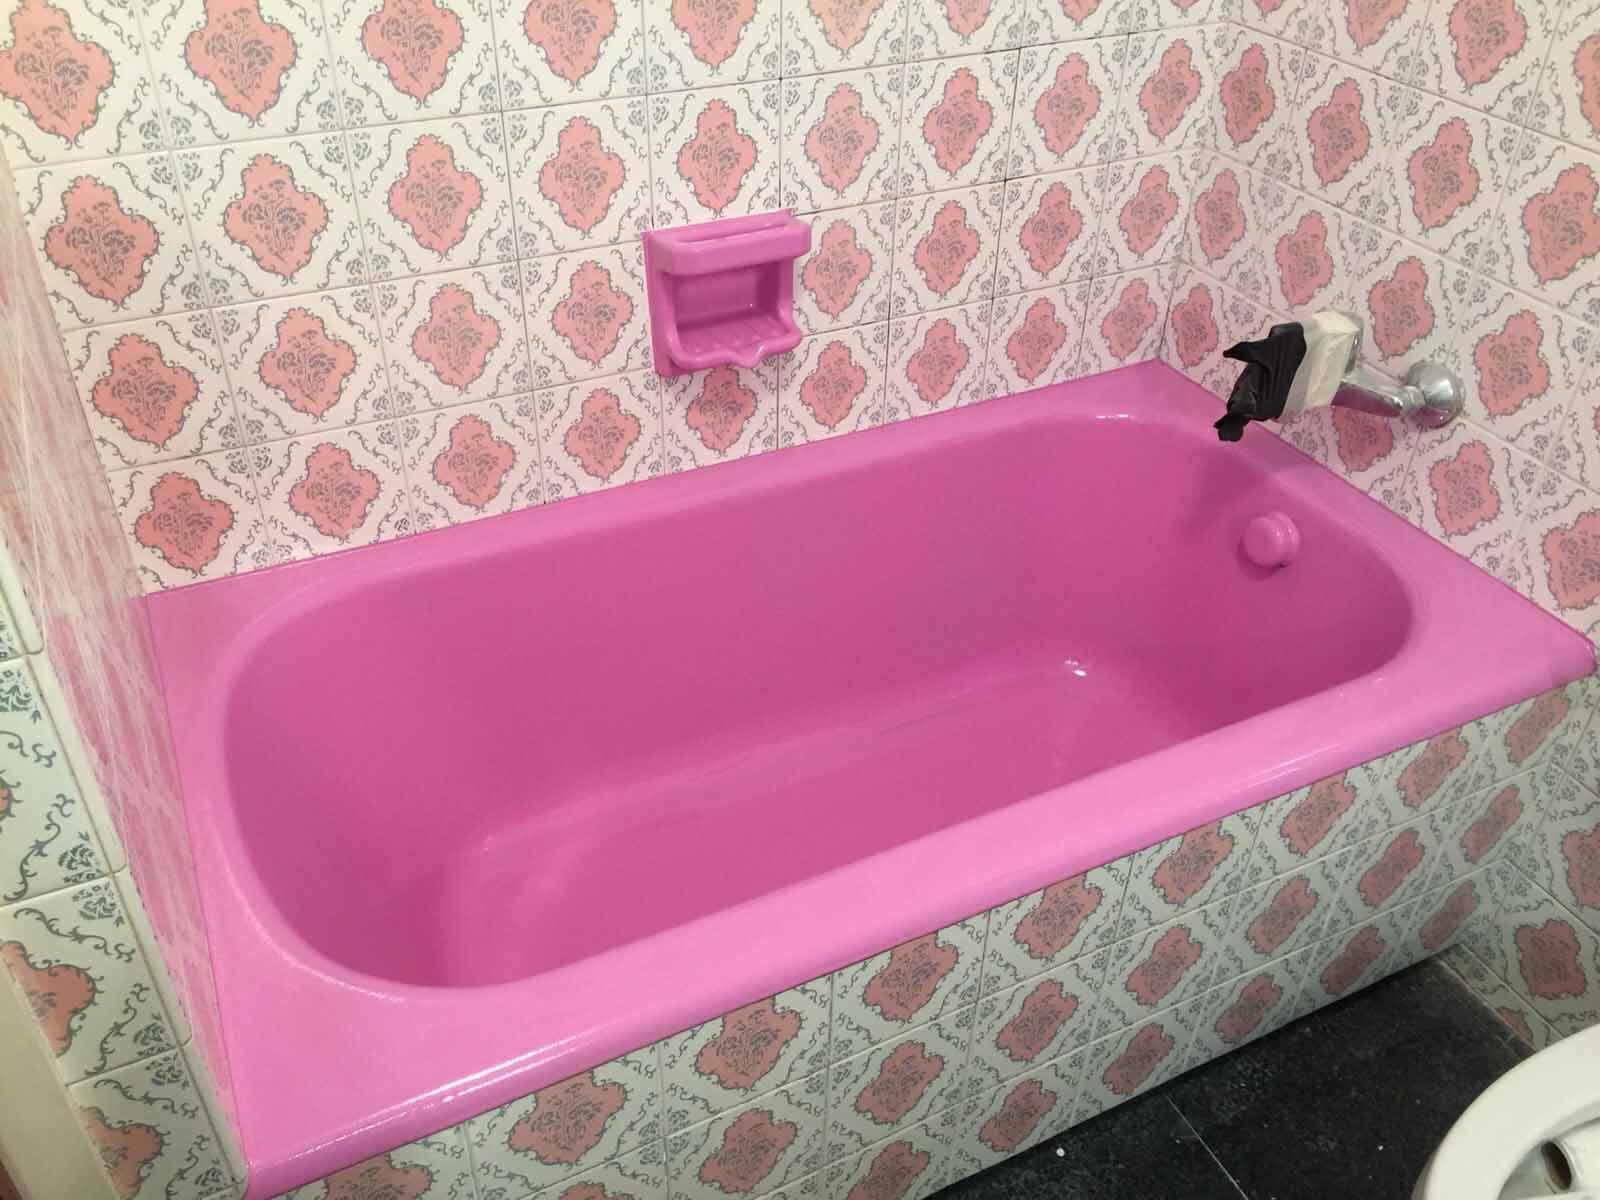 Un simple cambio de color en el esmaltado de bañera puede renovar completamente el baño